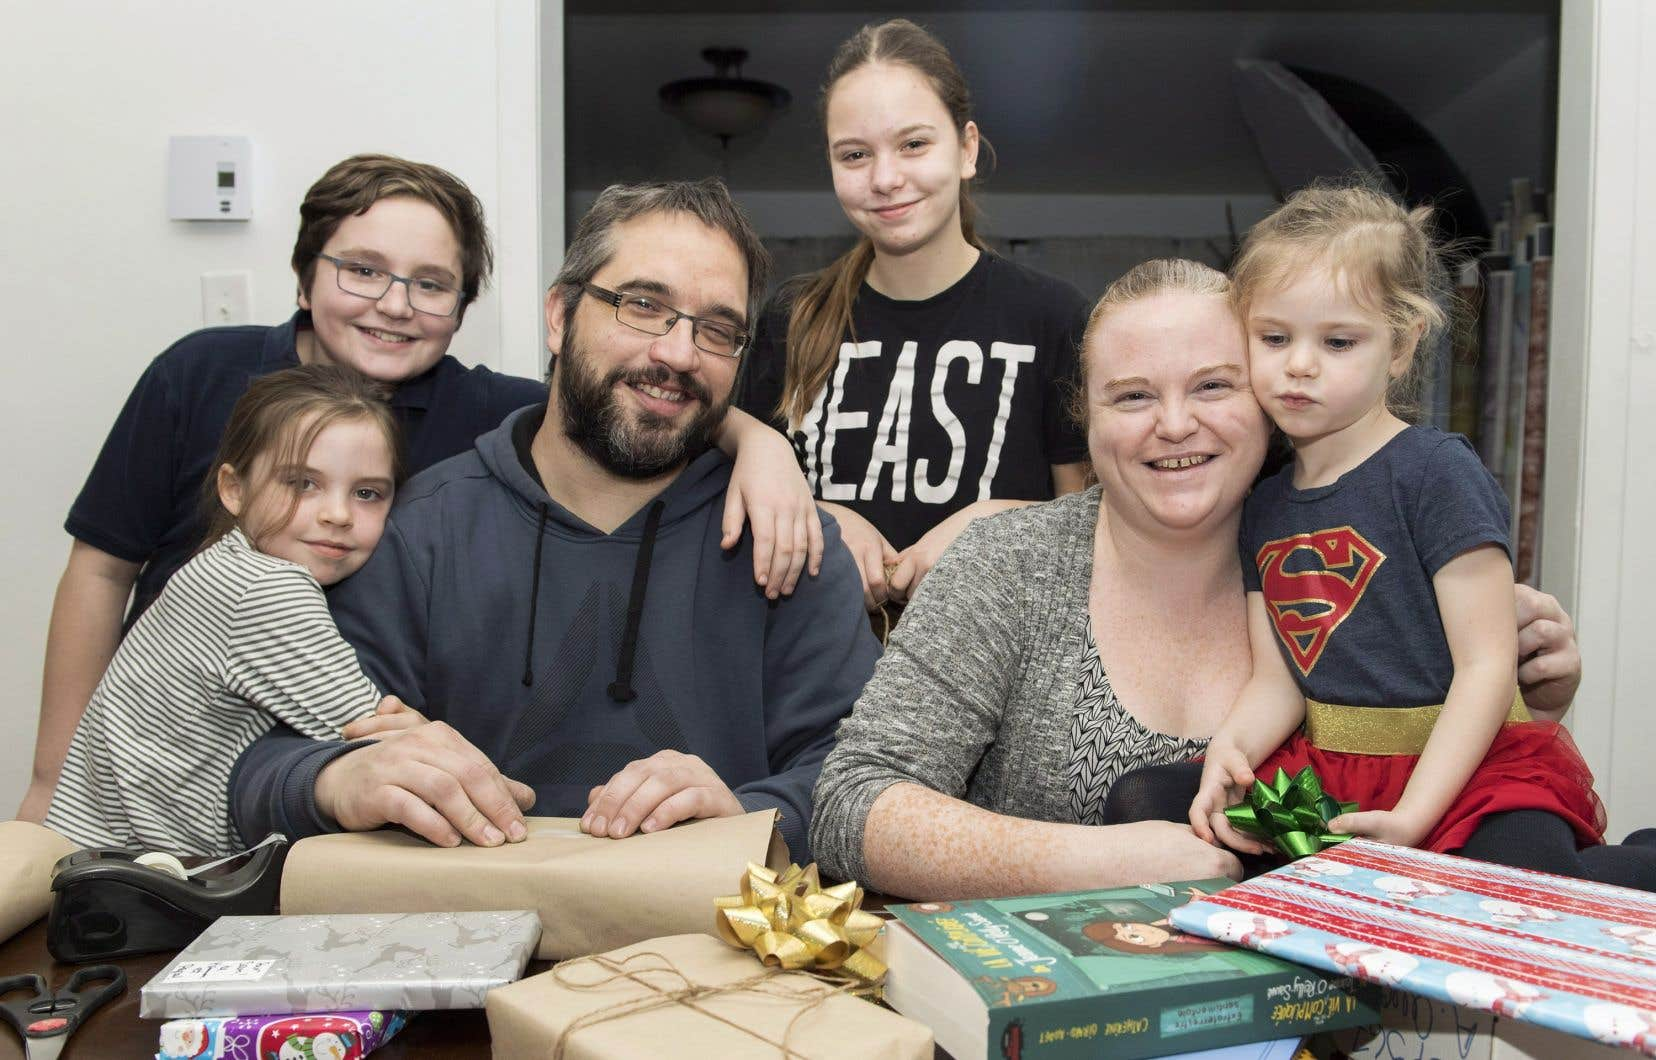 Lauriane, Samuel, Rosalie et Léa, dont les âges varient entre 14 et 3 ans, recevront à Noël des livres, des jouets en bois ou en tissu, ou des activités.